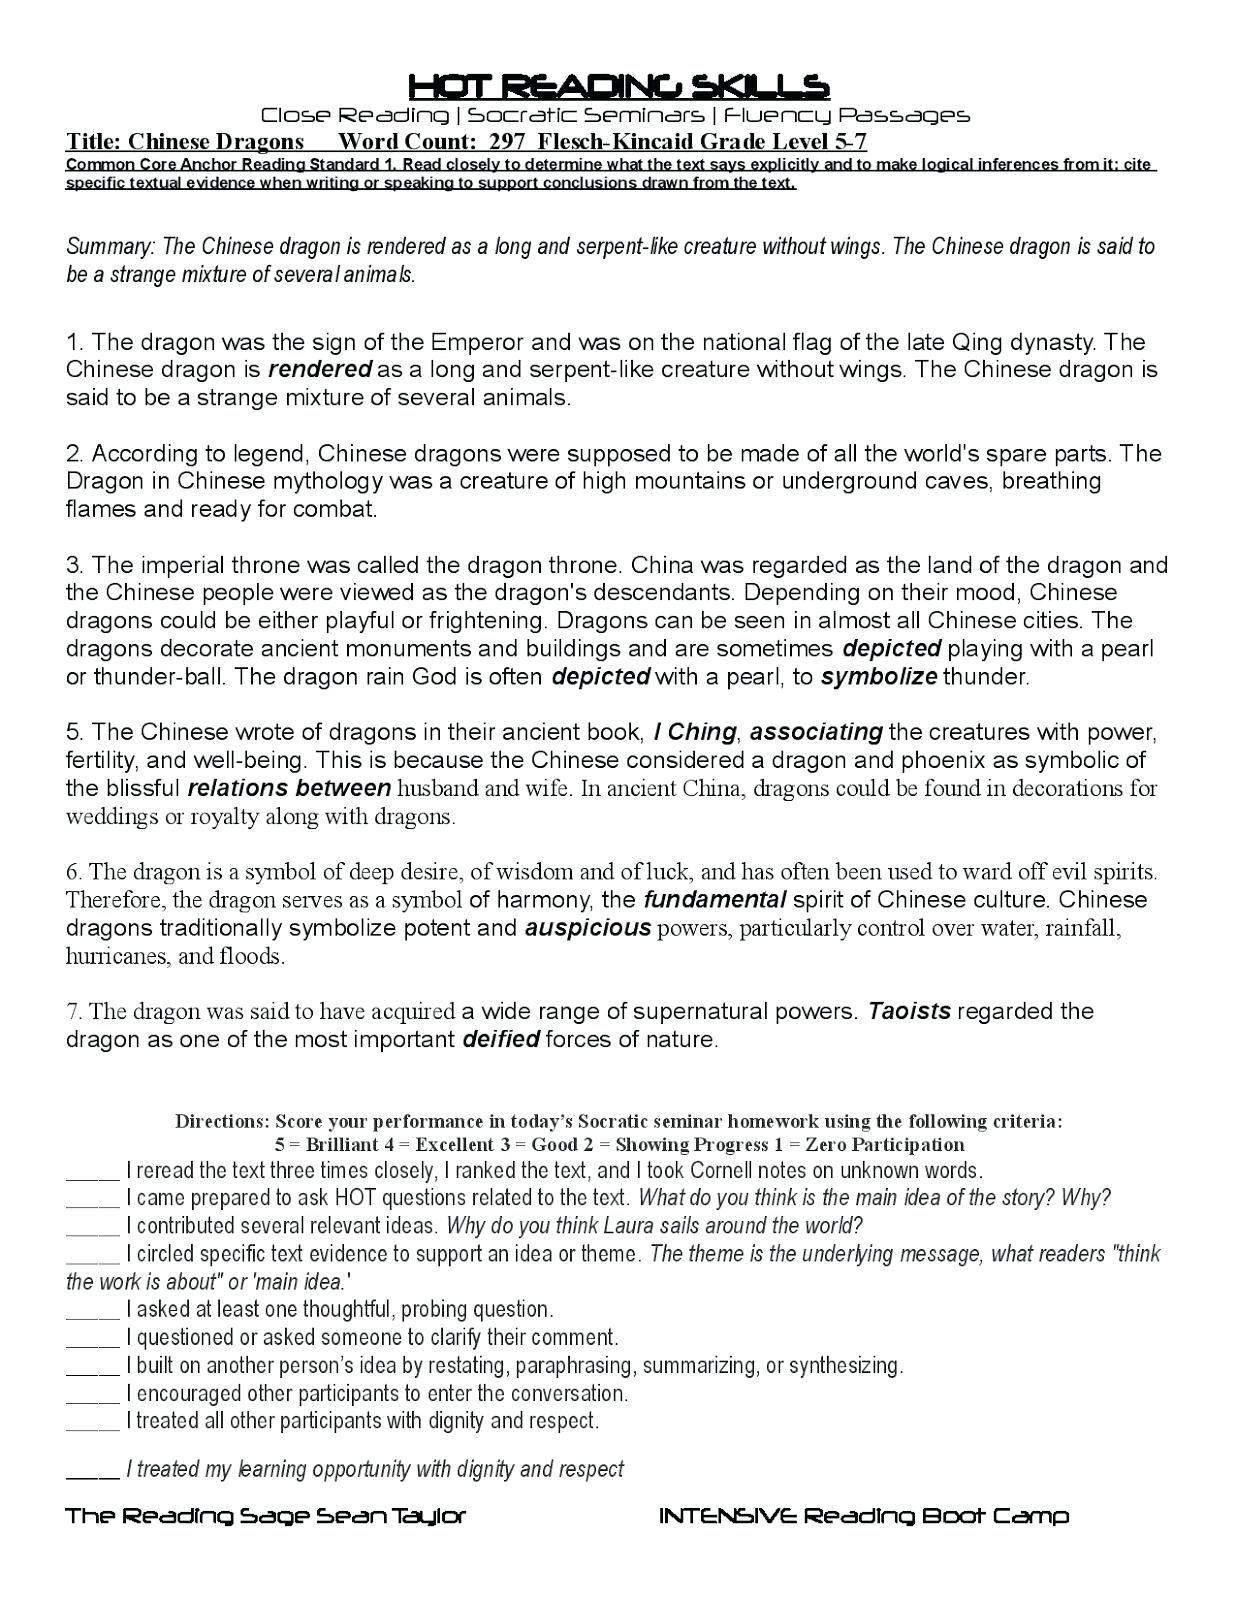 Summary And Main Idea Worksheet 1 Answer Key